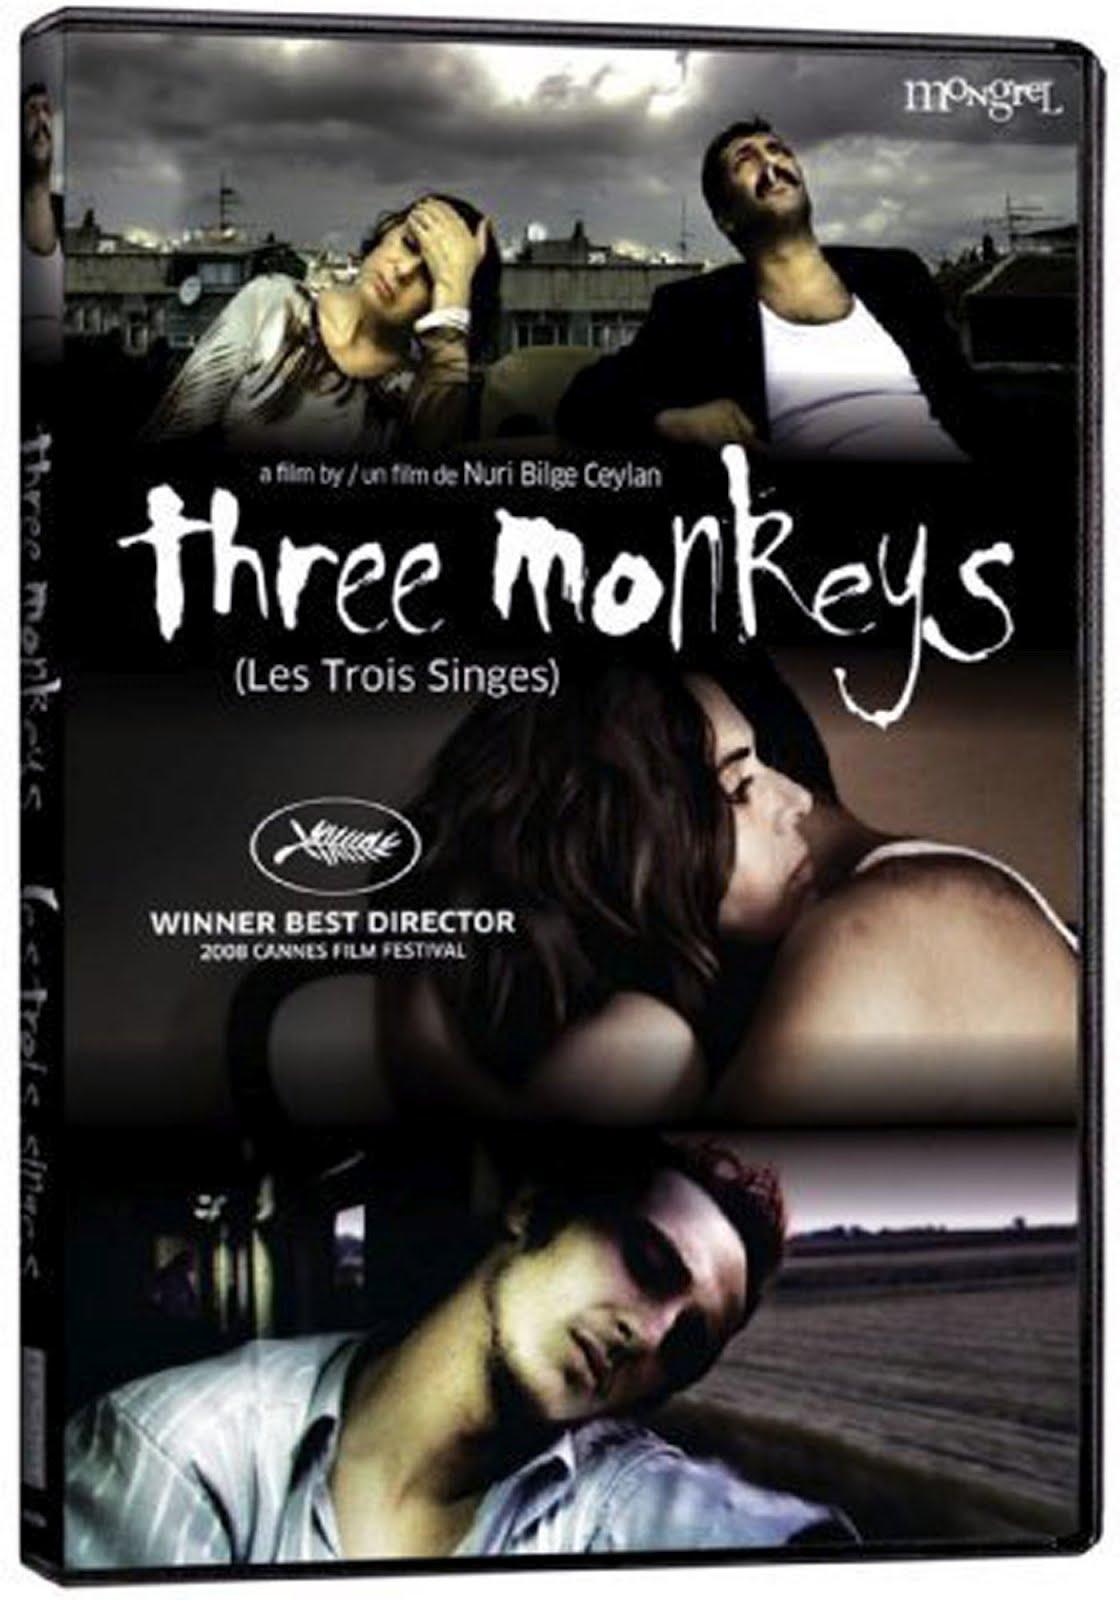 Three Monkeys Blu-ray Case